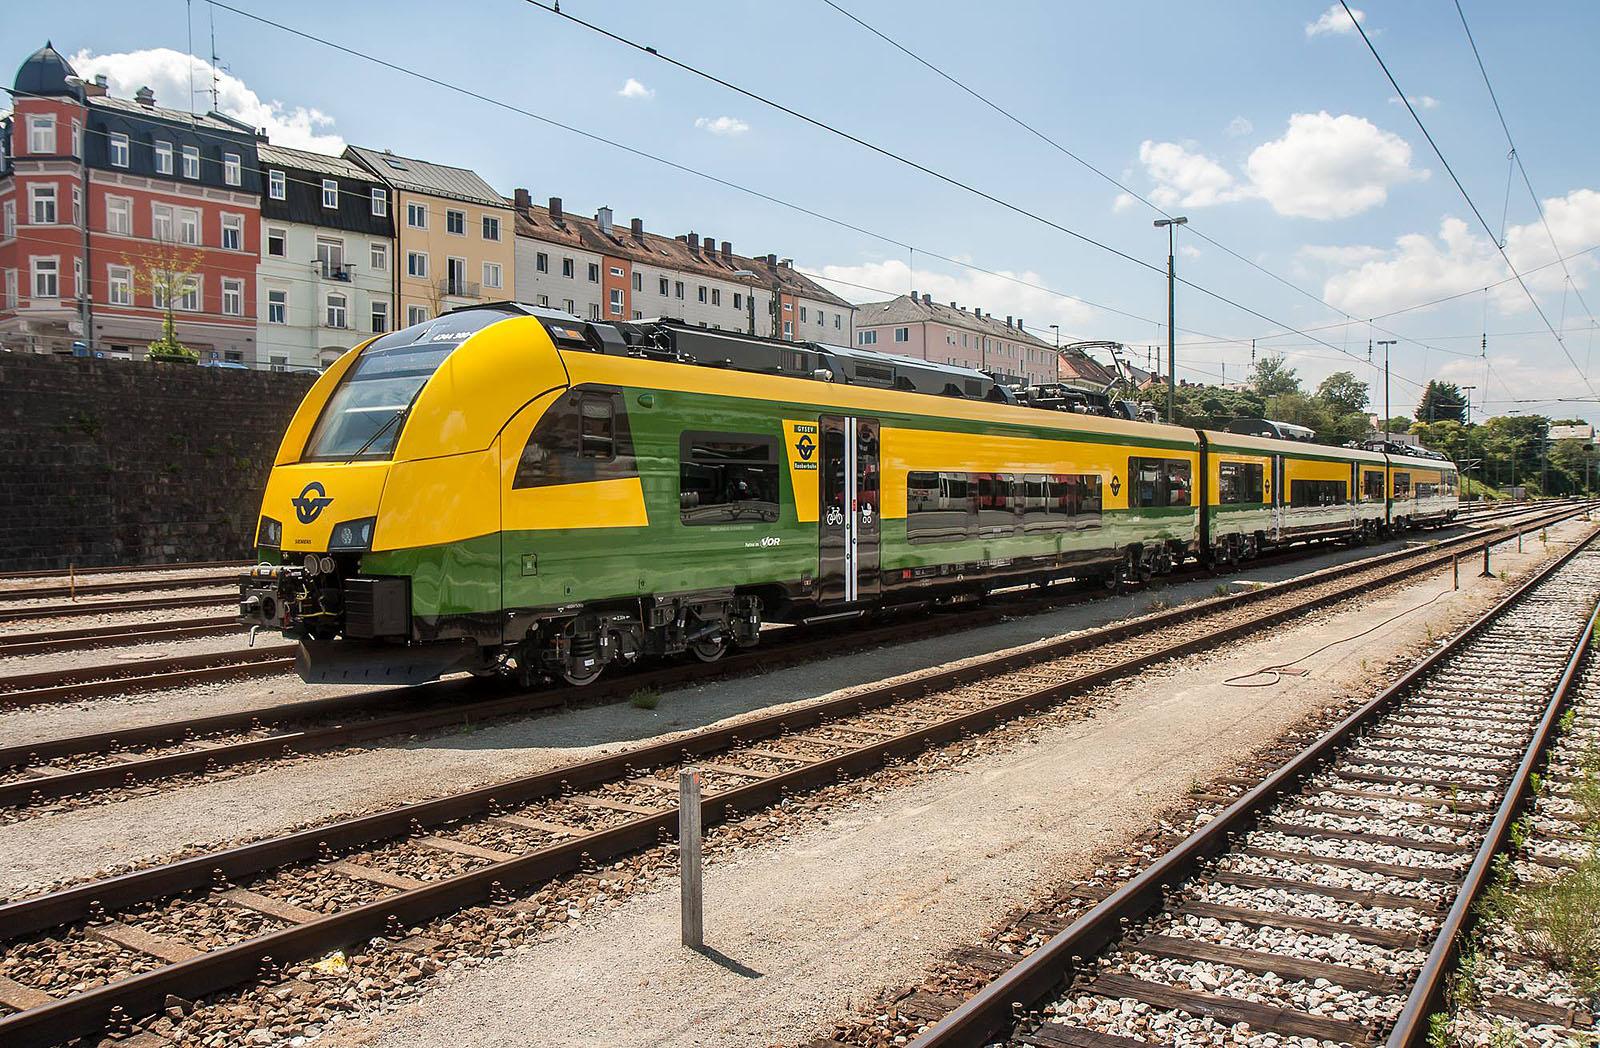 GySEV 4744 300 at Passau, 07.07.2016 - Copyright Christian Blumenstein.